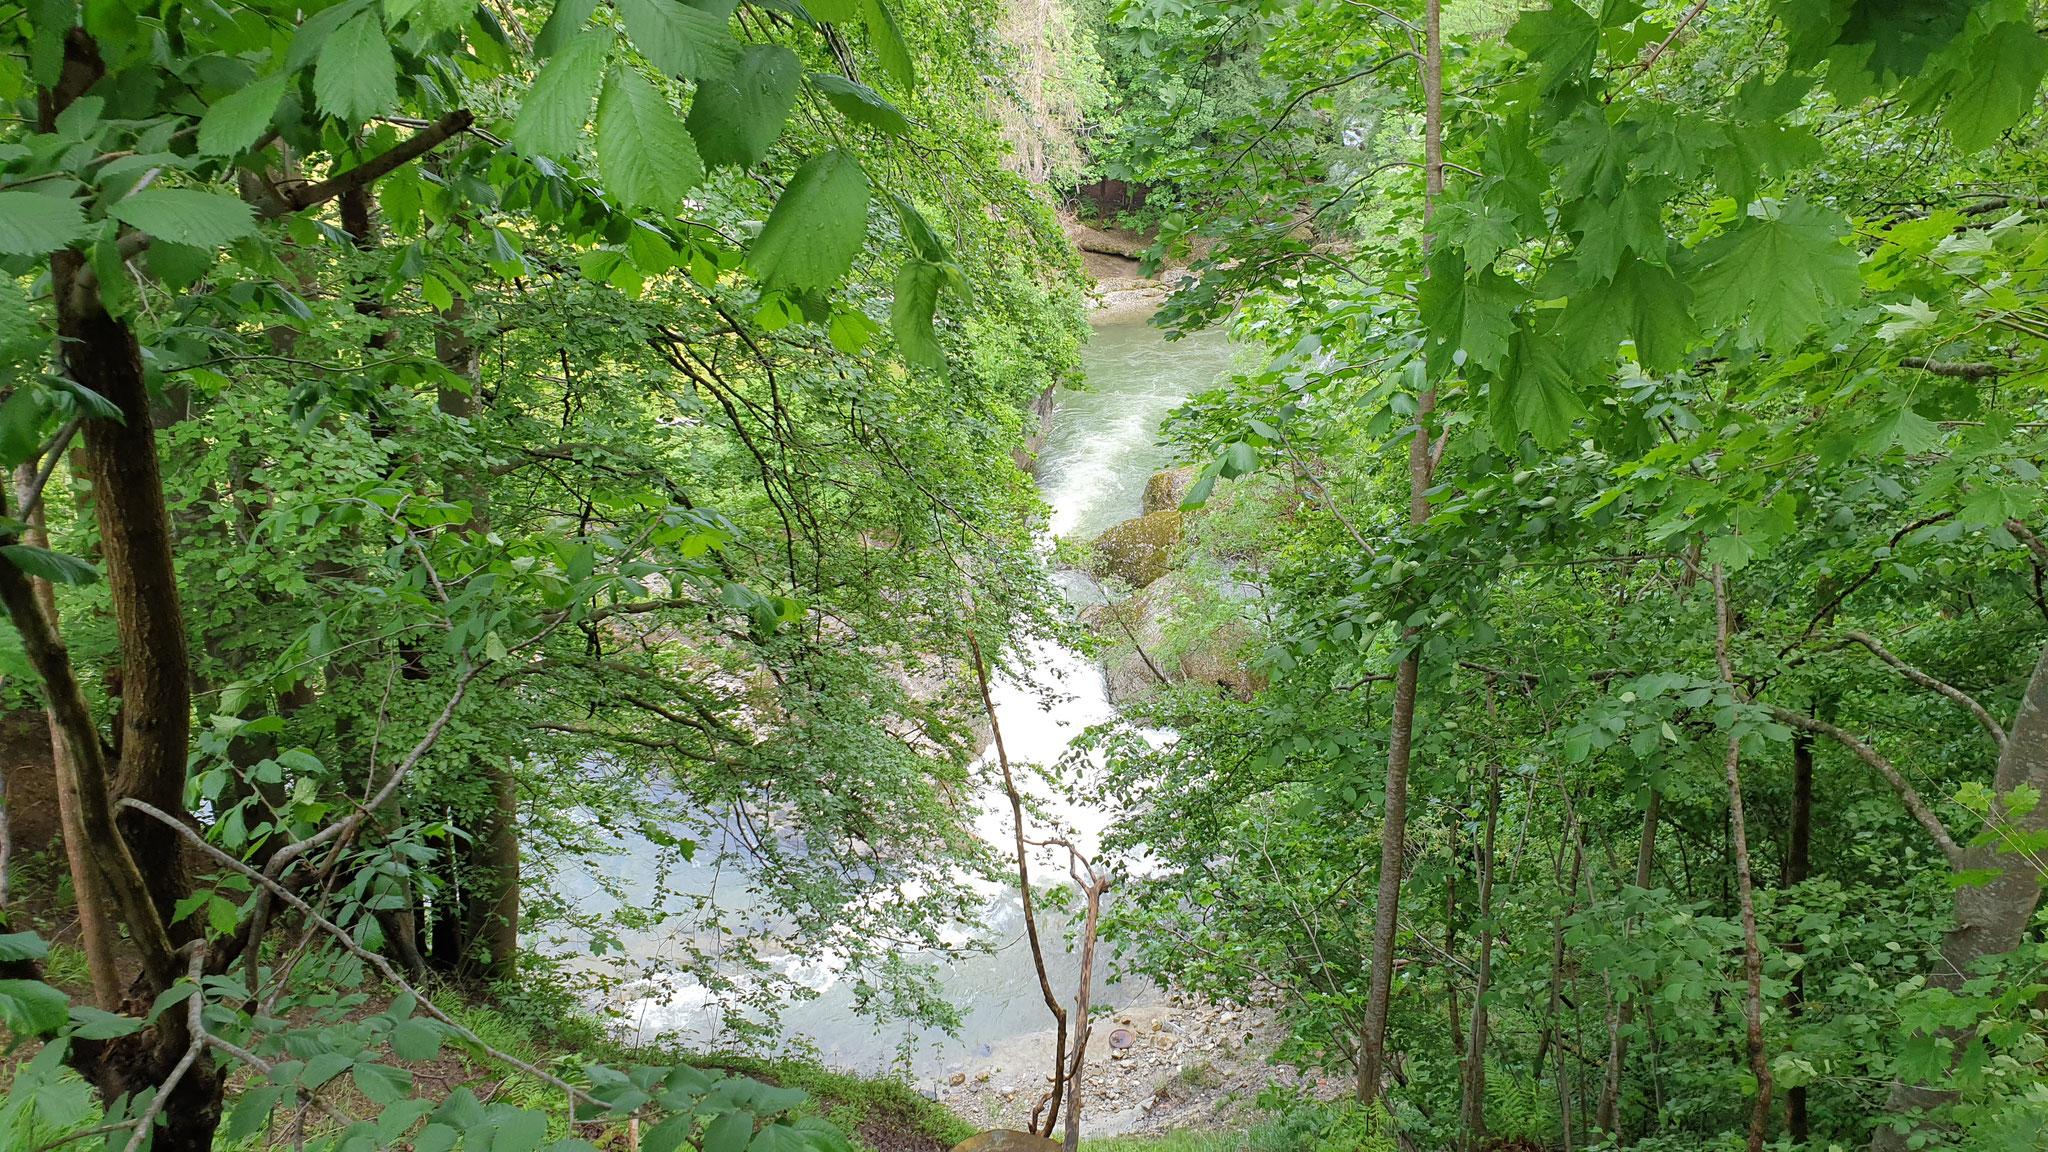 Schlucht bei Nesslau-Krummenau